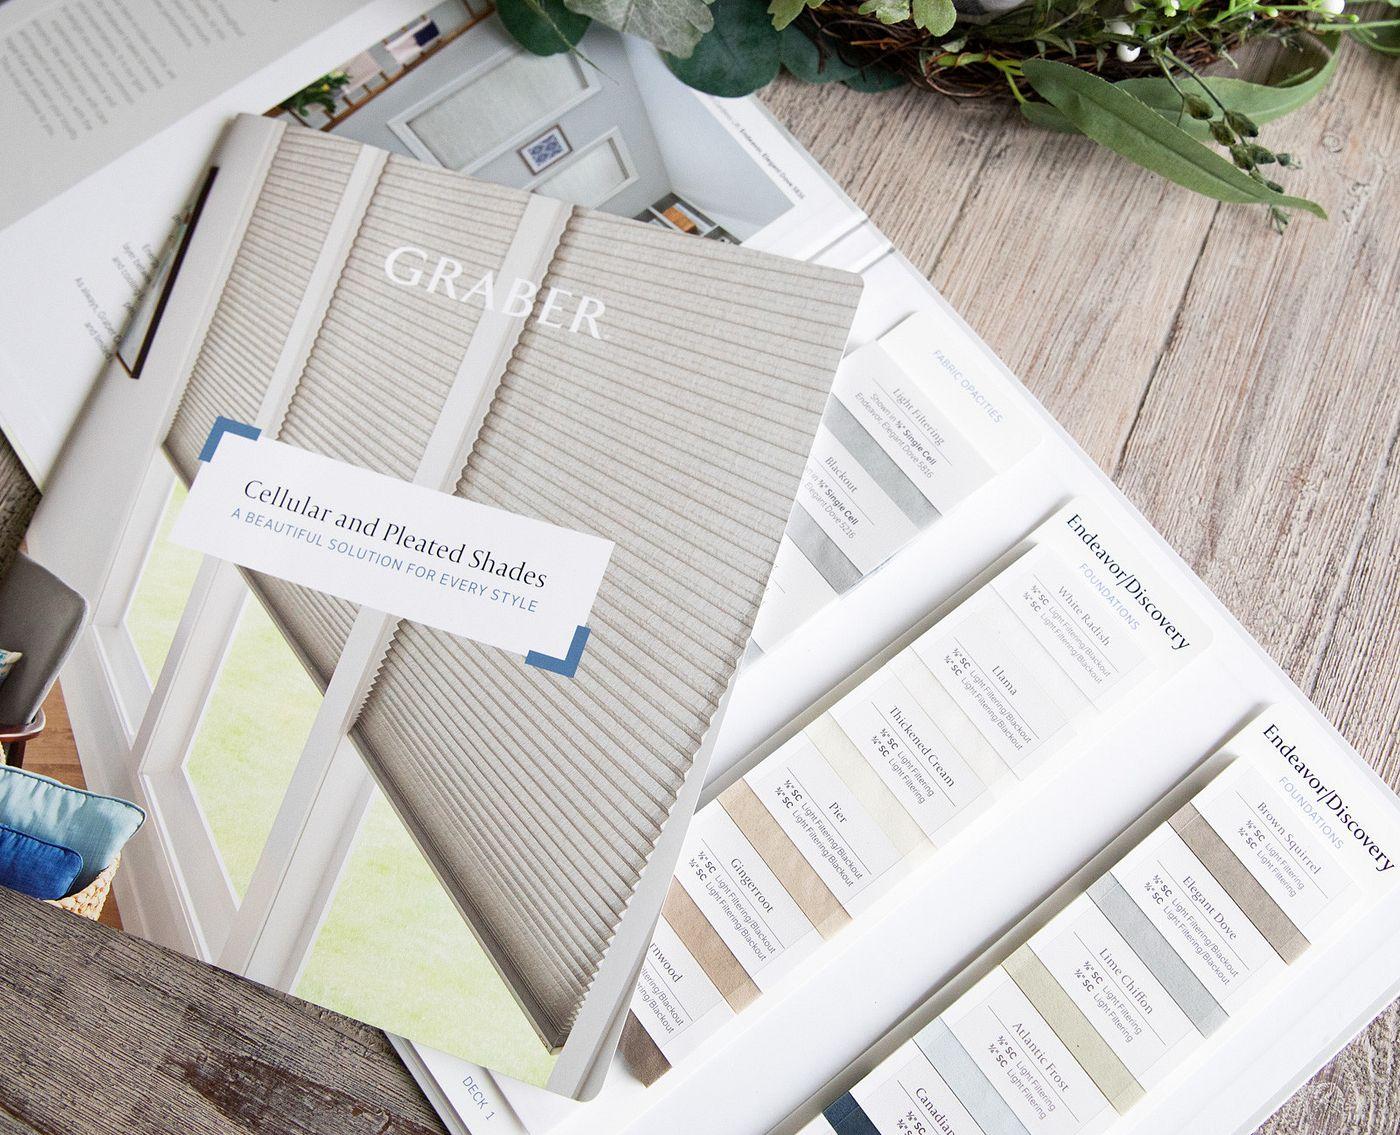 graber-custom-white-cellular-shades-8.jpg